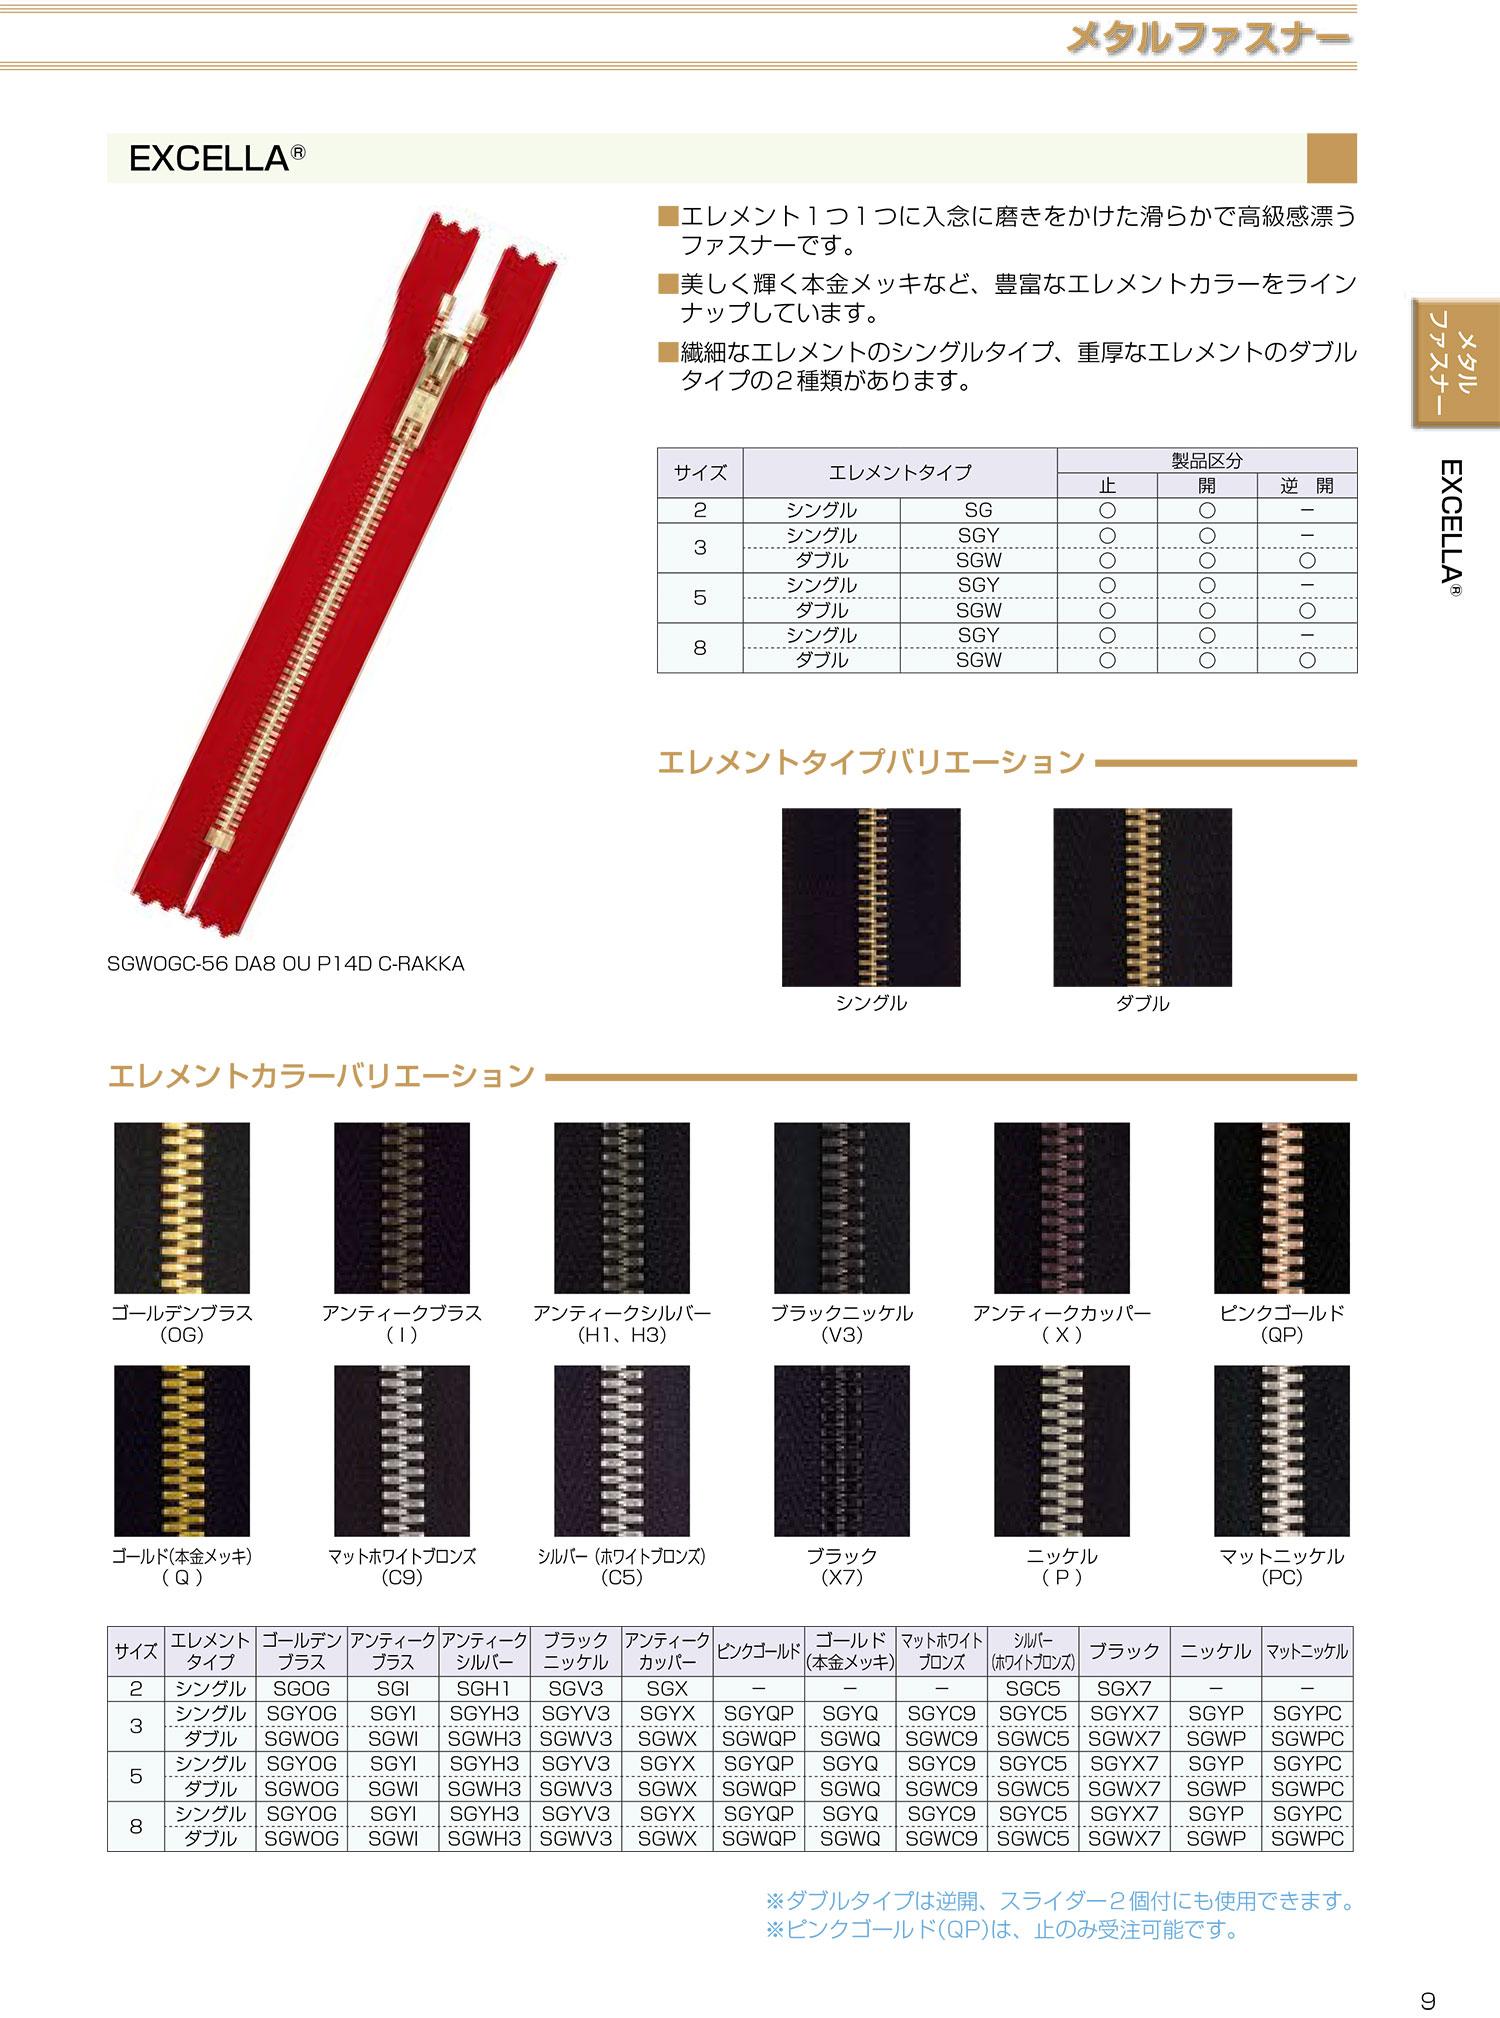 3SGWH3C エクセラ 3サイズ アンティークシルバー 止め ダブル[ファスナー] YKK/オークラ商事 - ApparelX アパレル資材卸通販